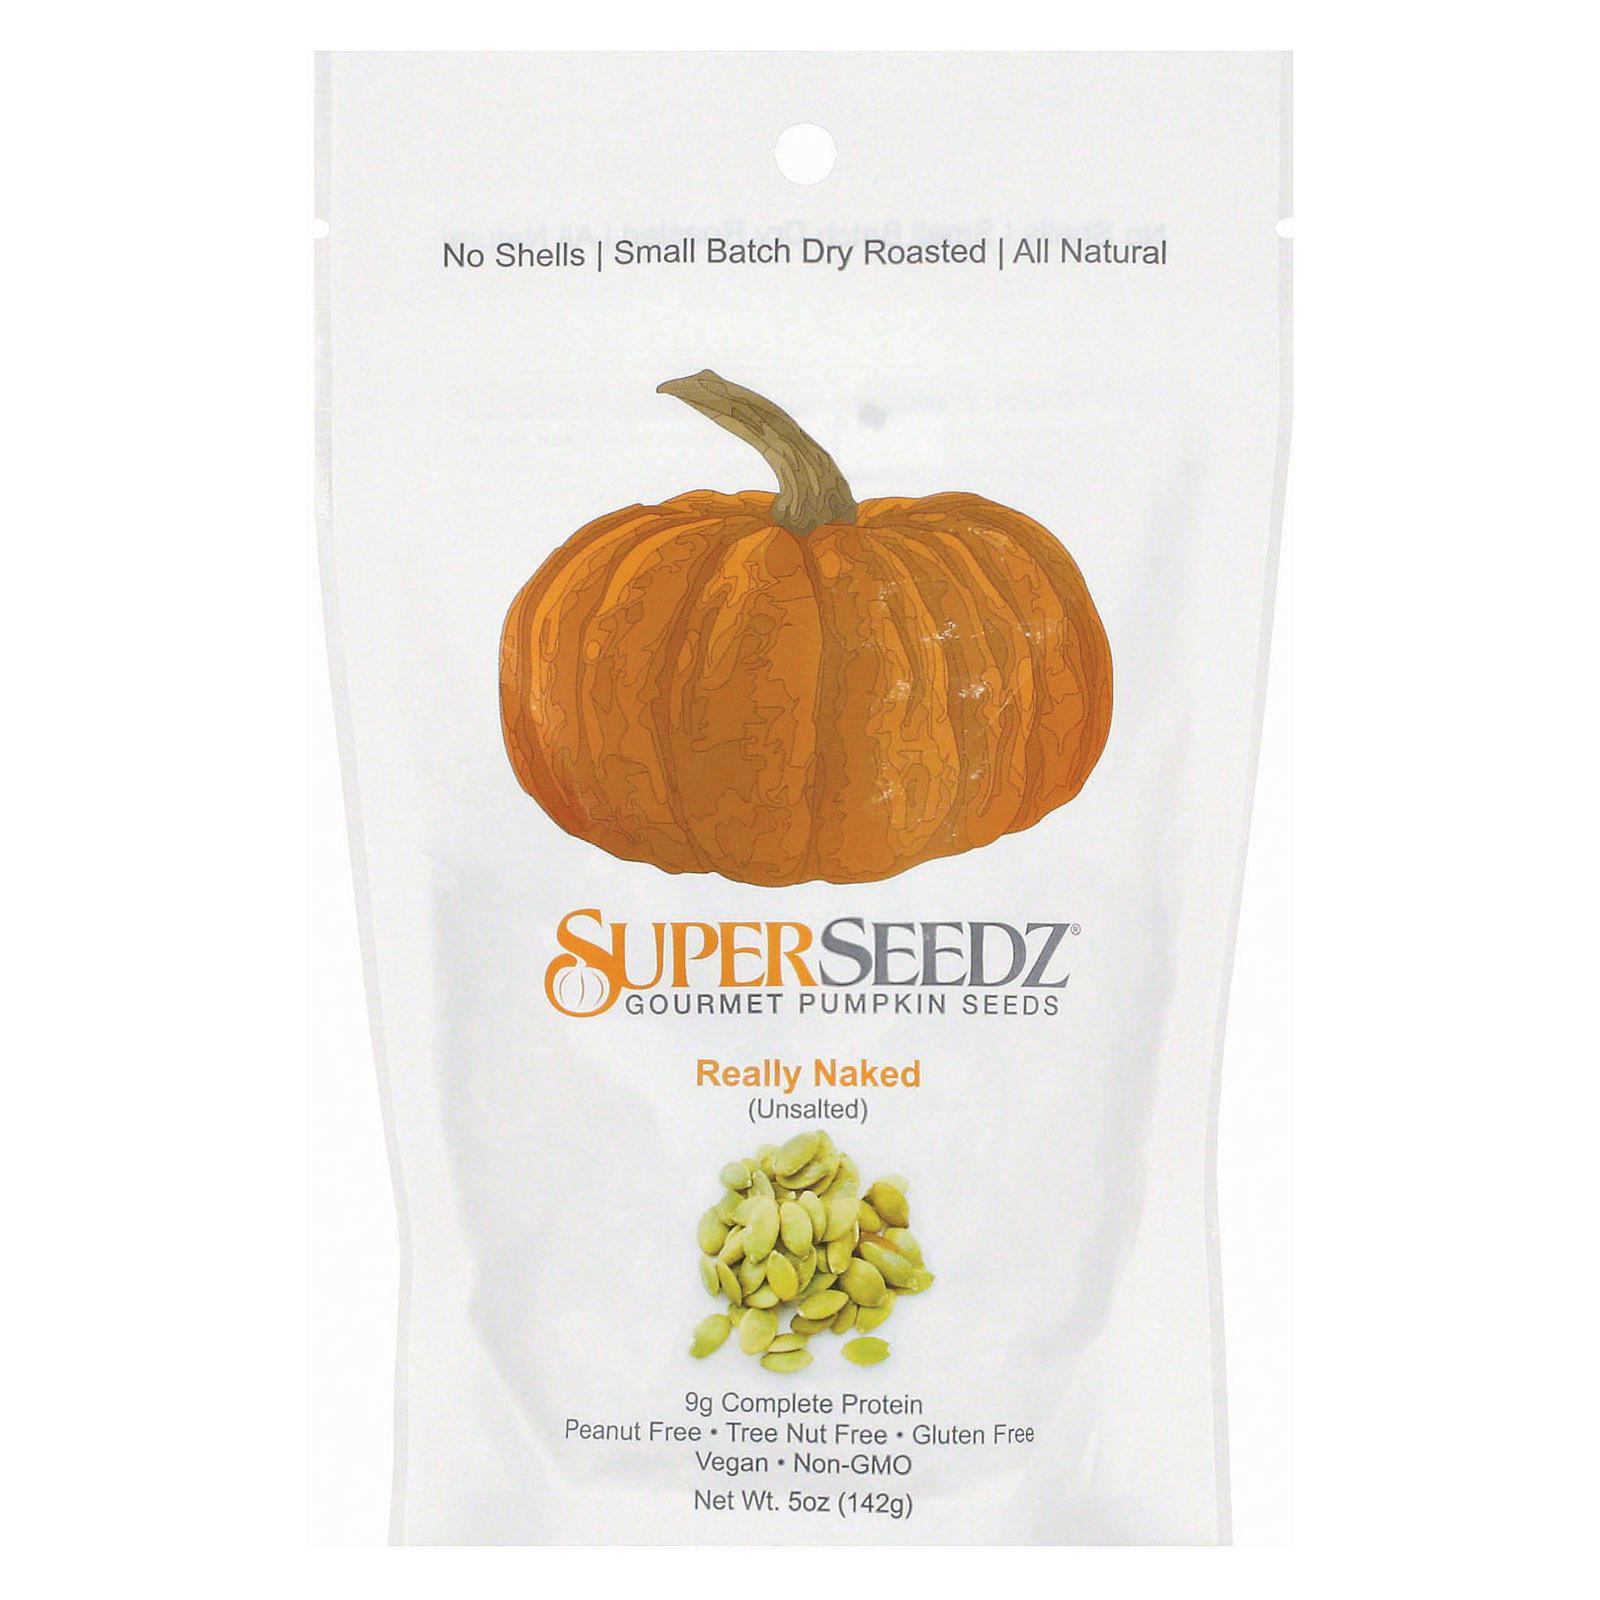 Superseedz Gourmet Pumpkin Seeds - Really Naked - Case of 6 - 5 oz.